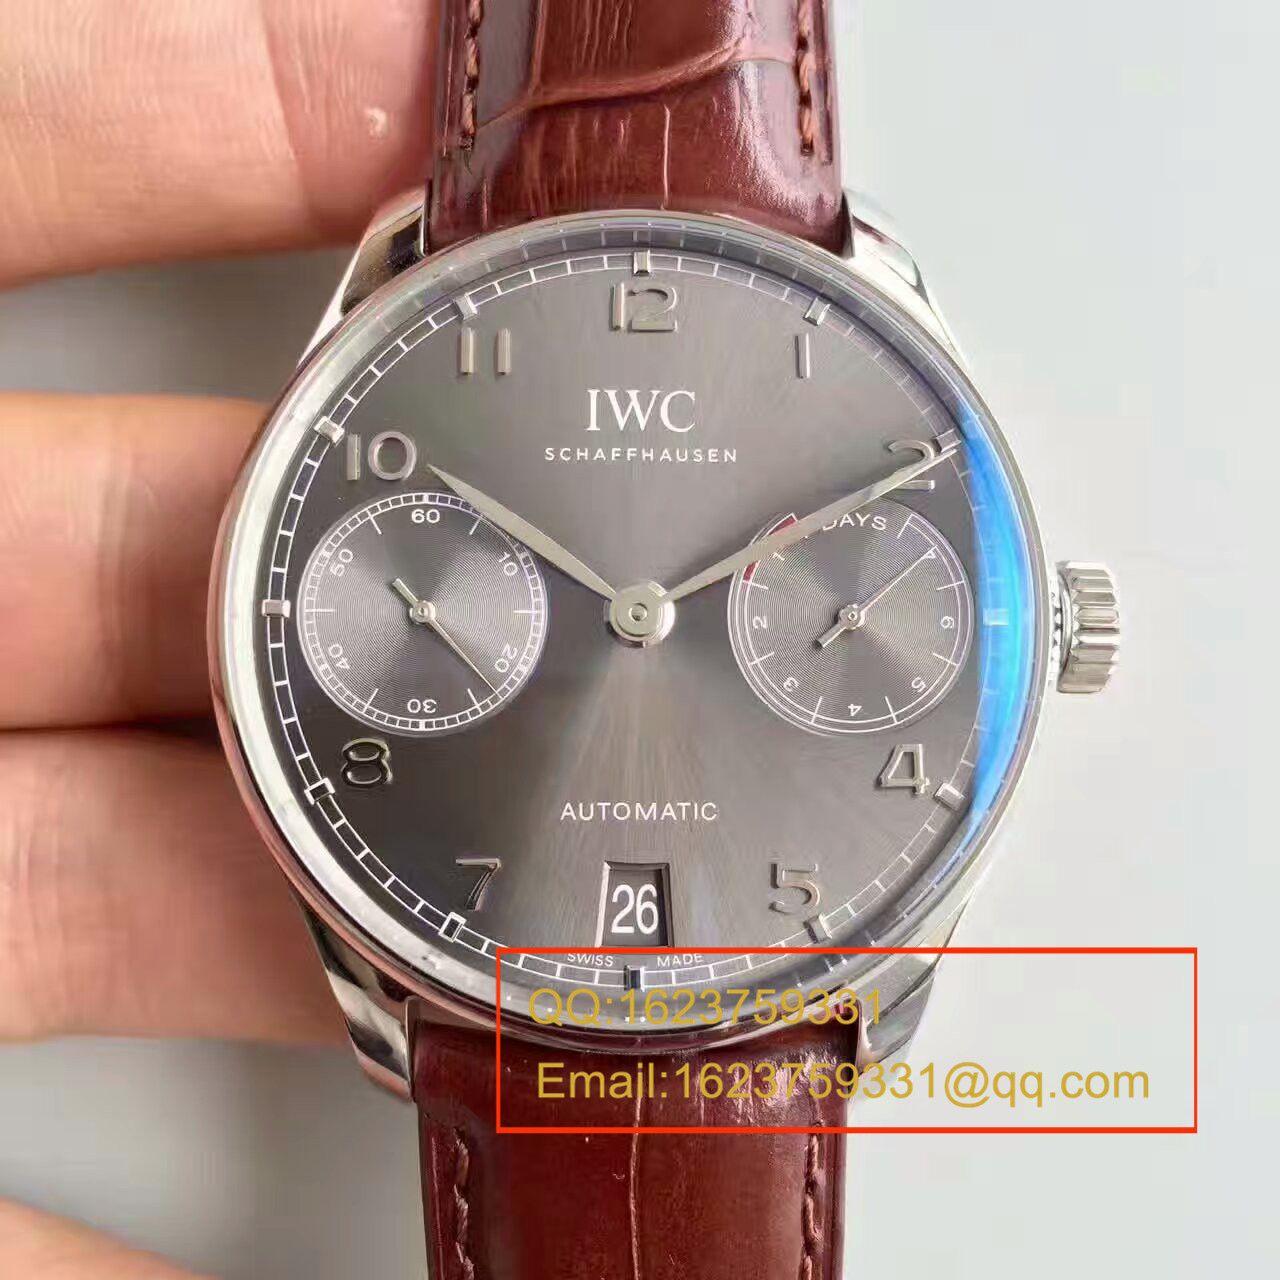 【独家视频测评】【ZF一比一超A高仿手表】万国葡萄牙计时系列IW500705腕表(万国七日链) / WG256